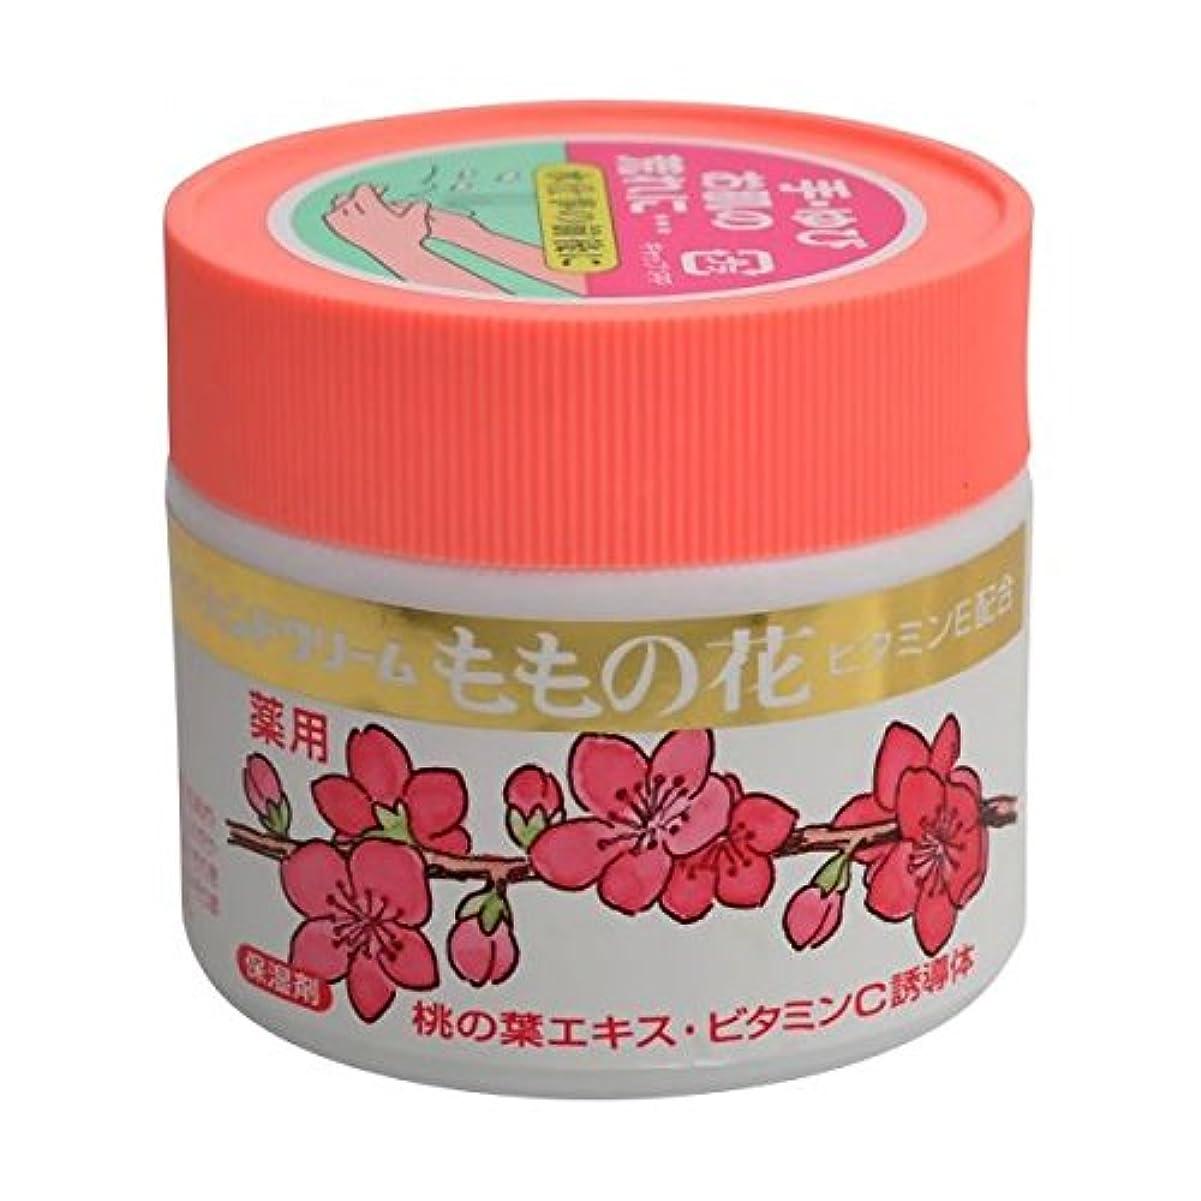 現金ネブモナリザ【オリヂナル】ももの花薬用ハンドクリーム(医薬部外品) 70g ×3個セット